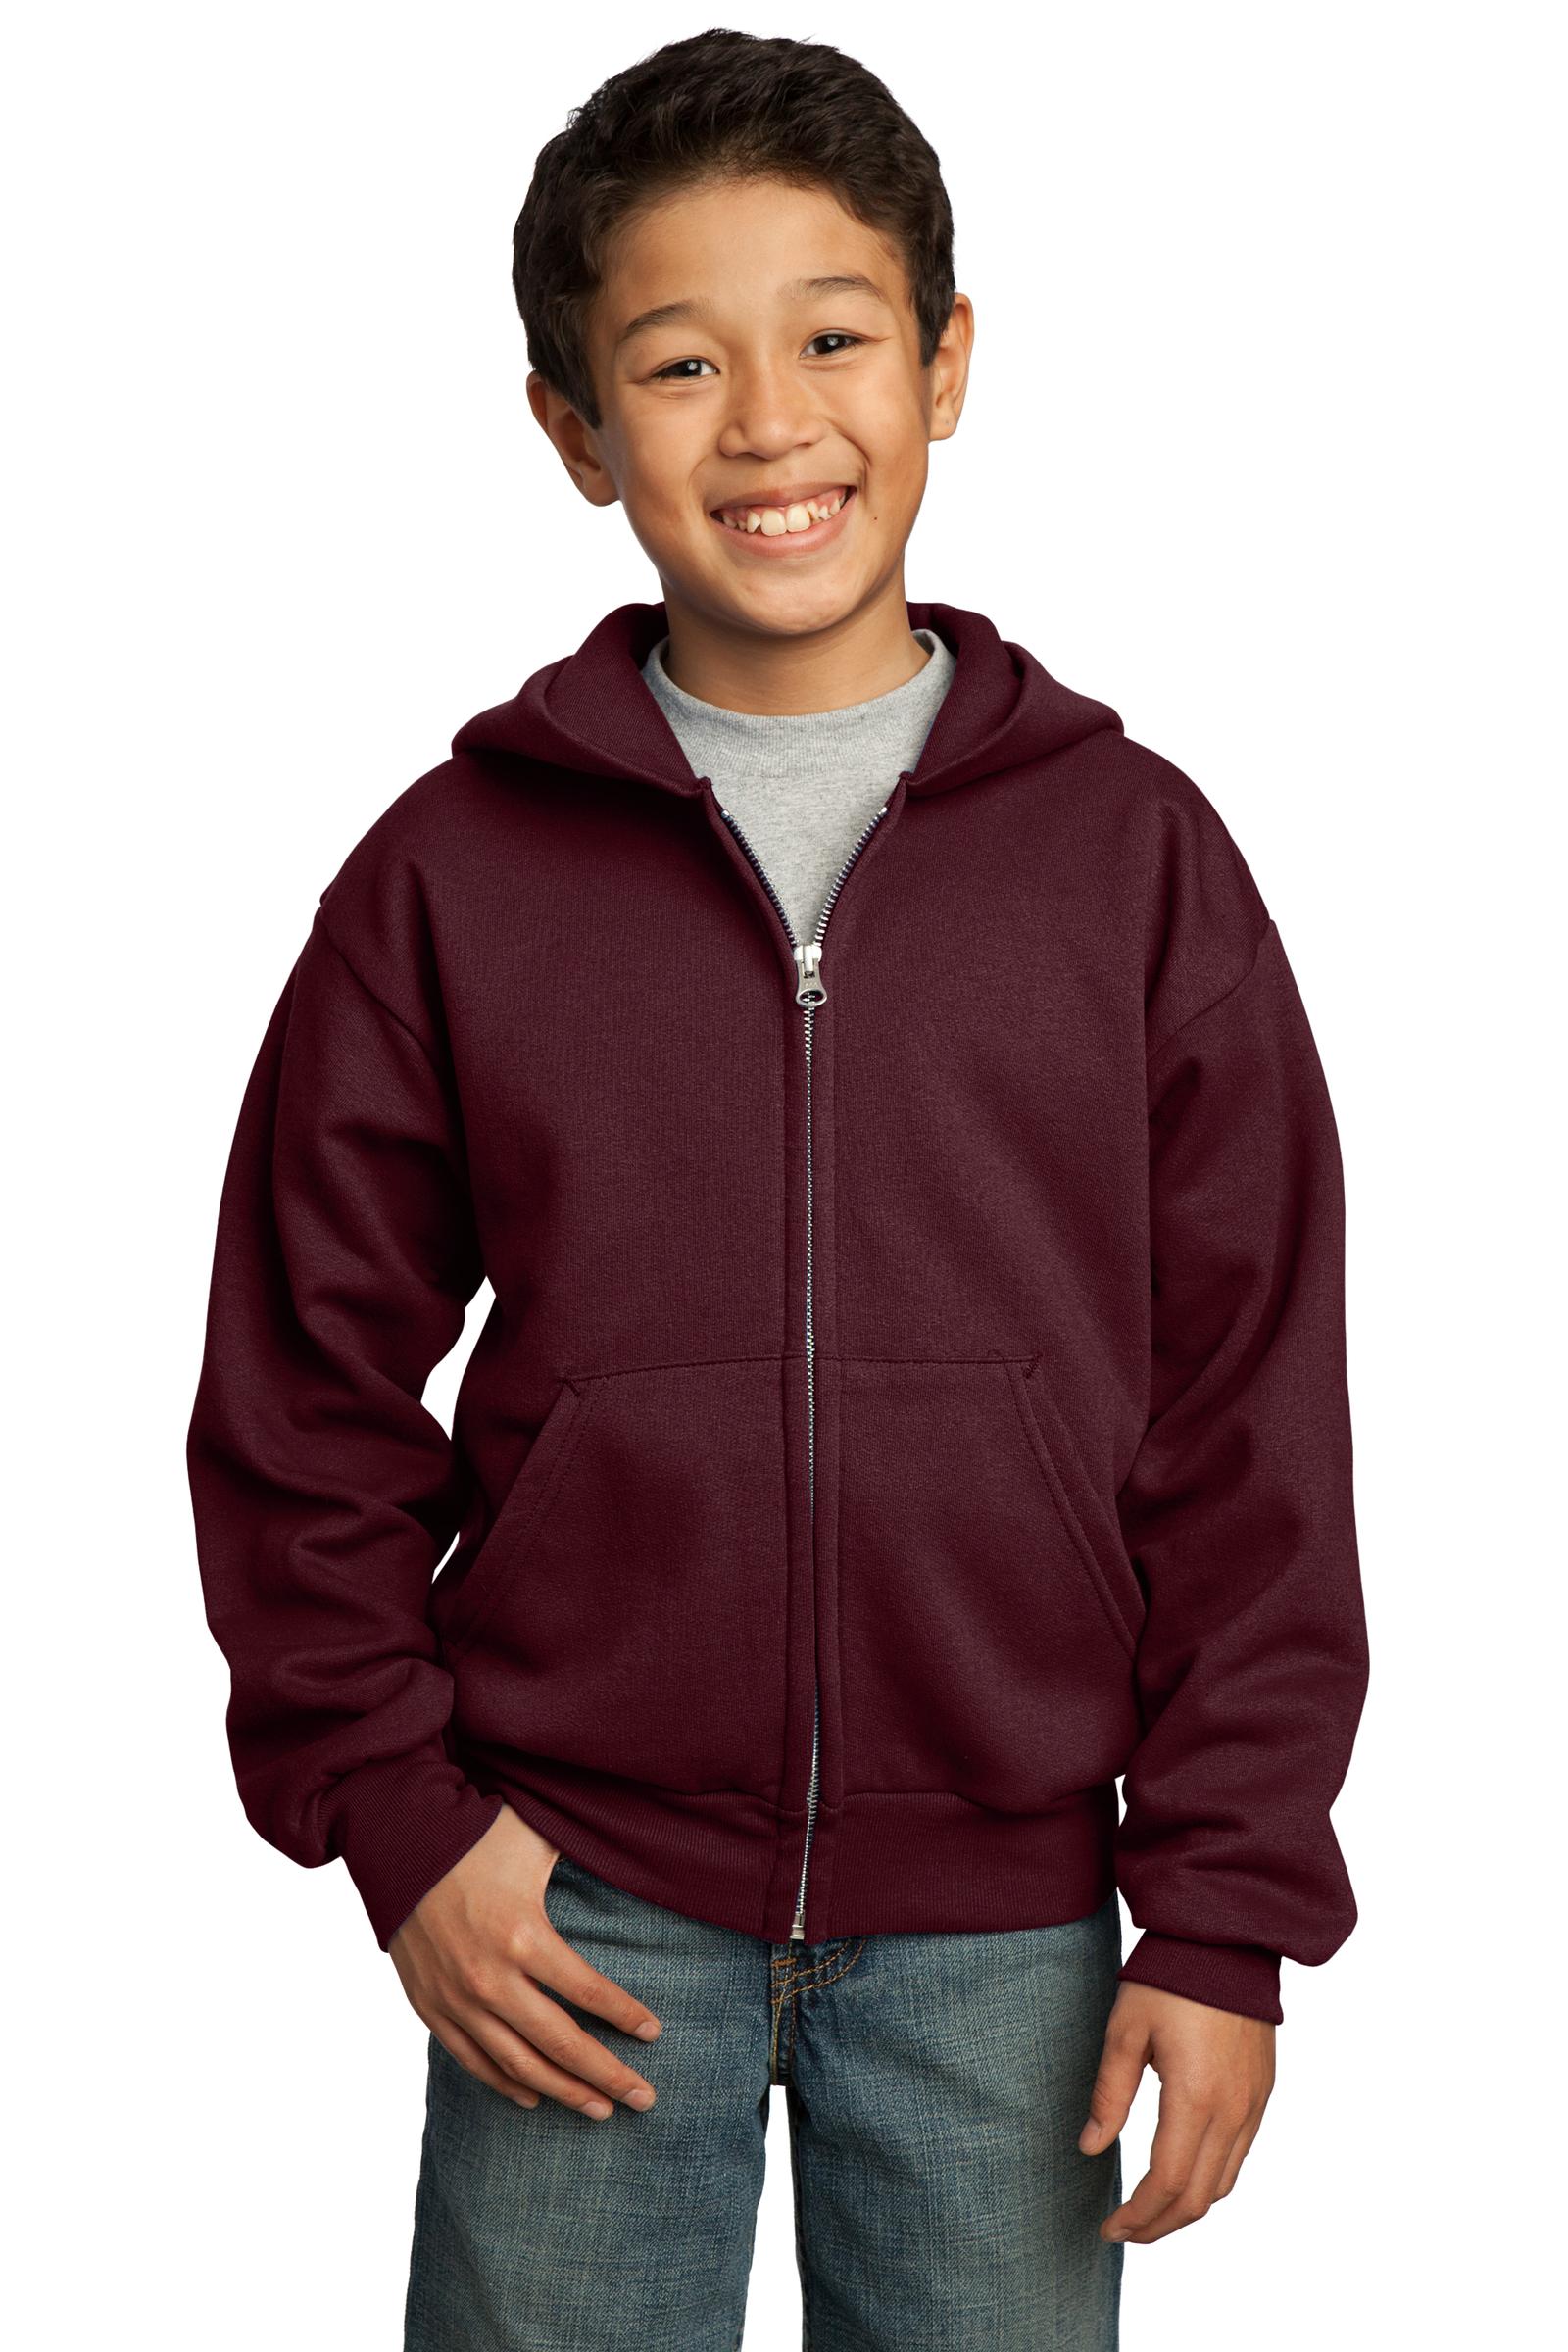 Port & Company Printed Youth Core Fleece Full-Zip Hooded Sweatshirt